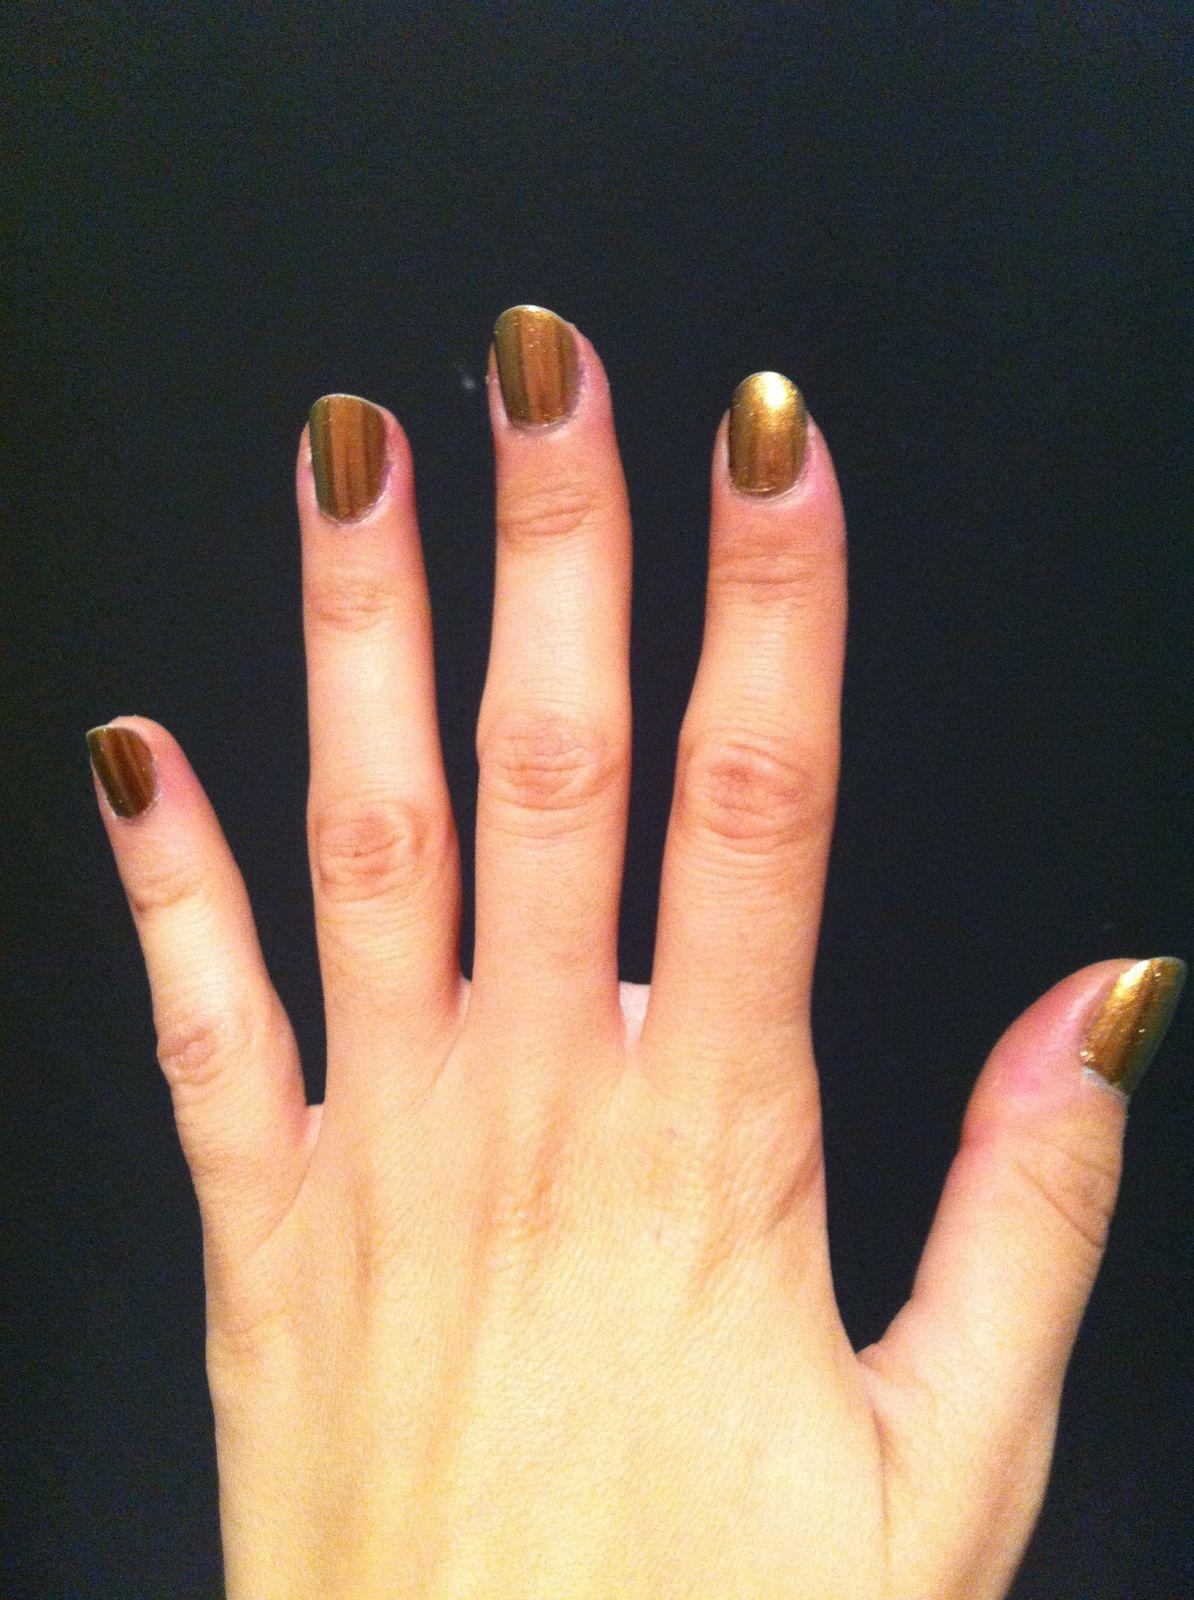 flormar DC02 duochrome doré/vert et nail art liner